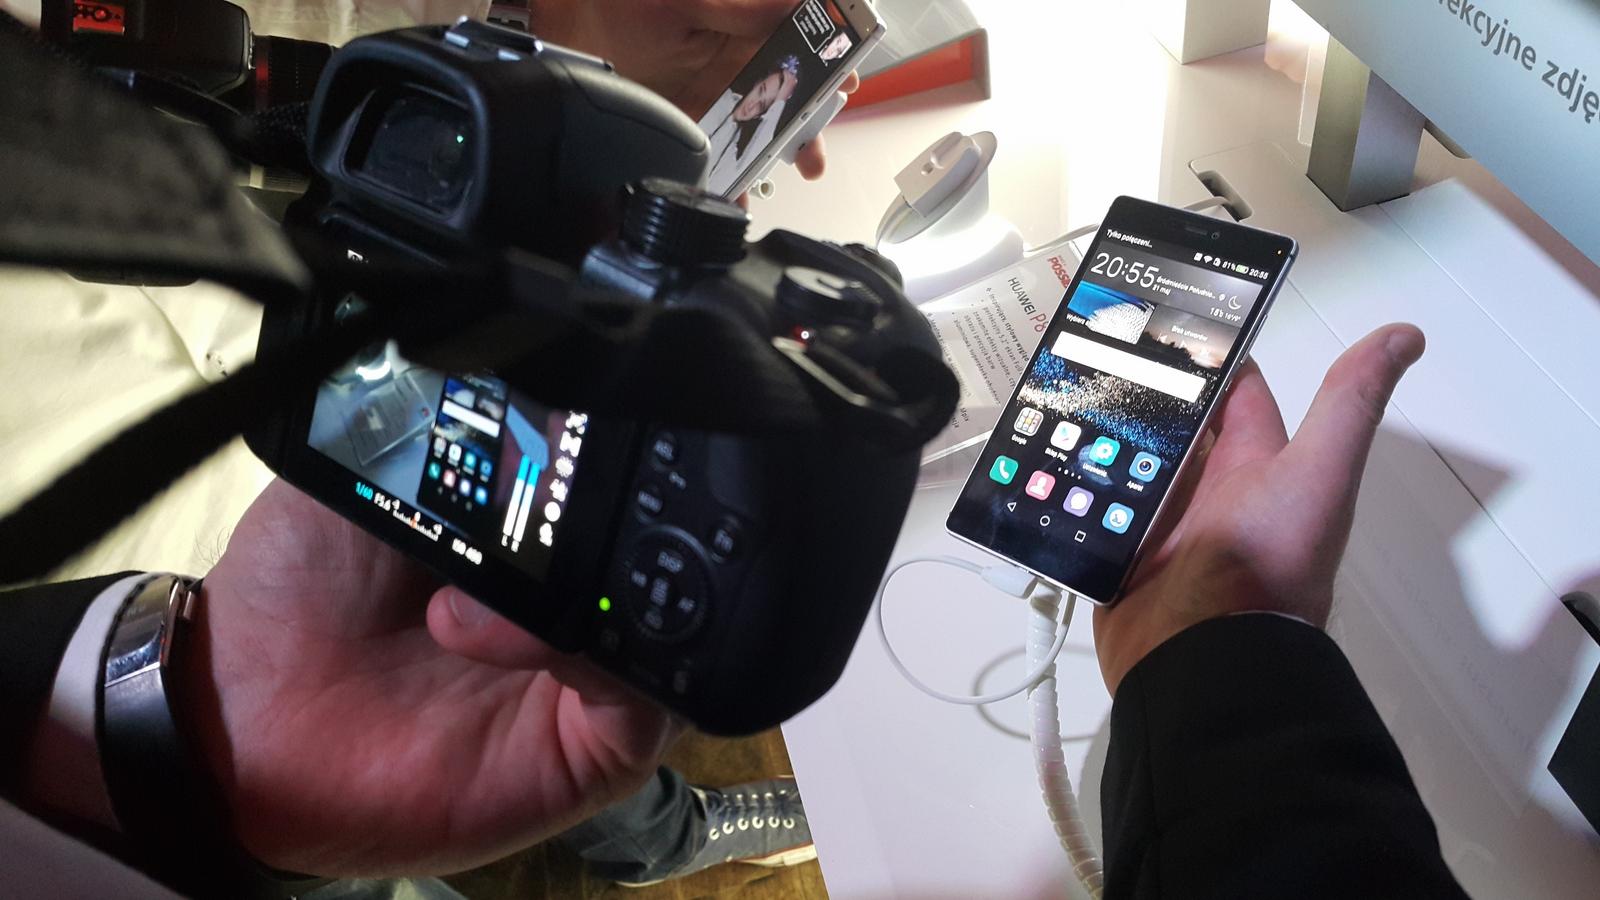 Huawei P8 / fot. galaktyczny.pl